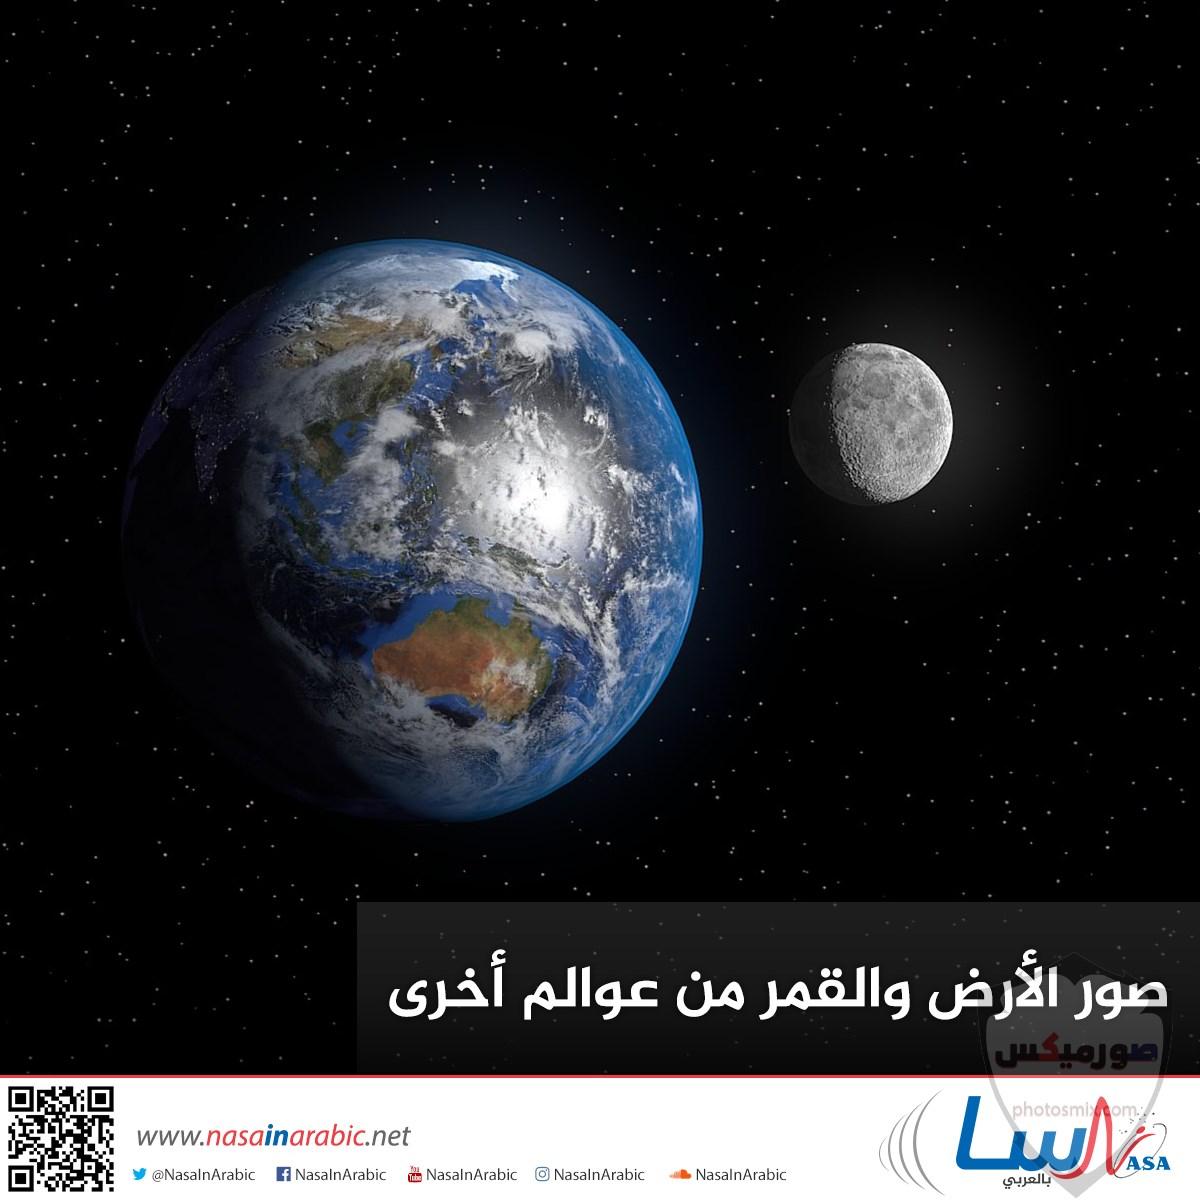 صور القمر والسماء والنجوم خلفيات للقمر والبدر والهلال عالية الجودة 10